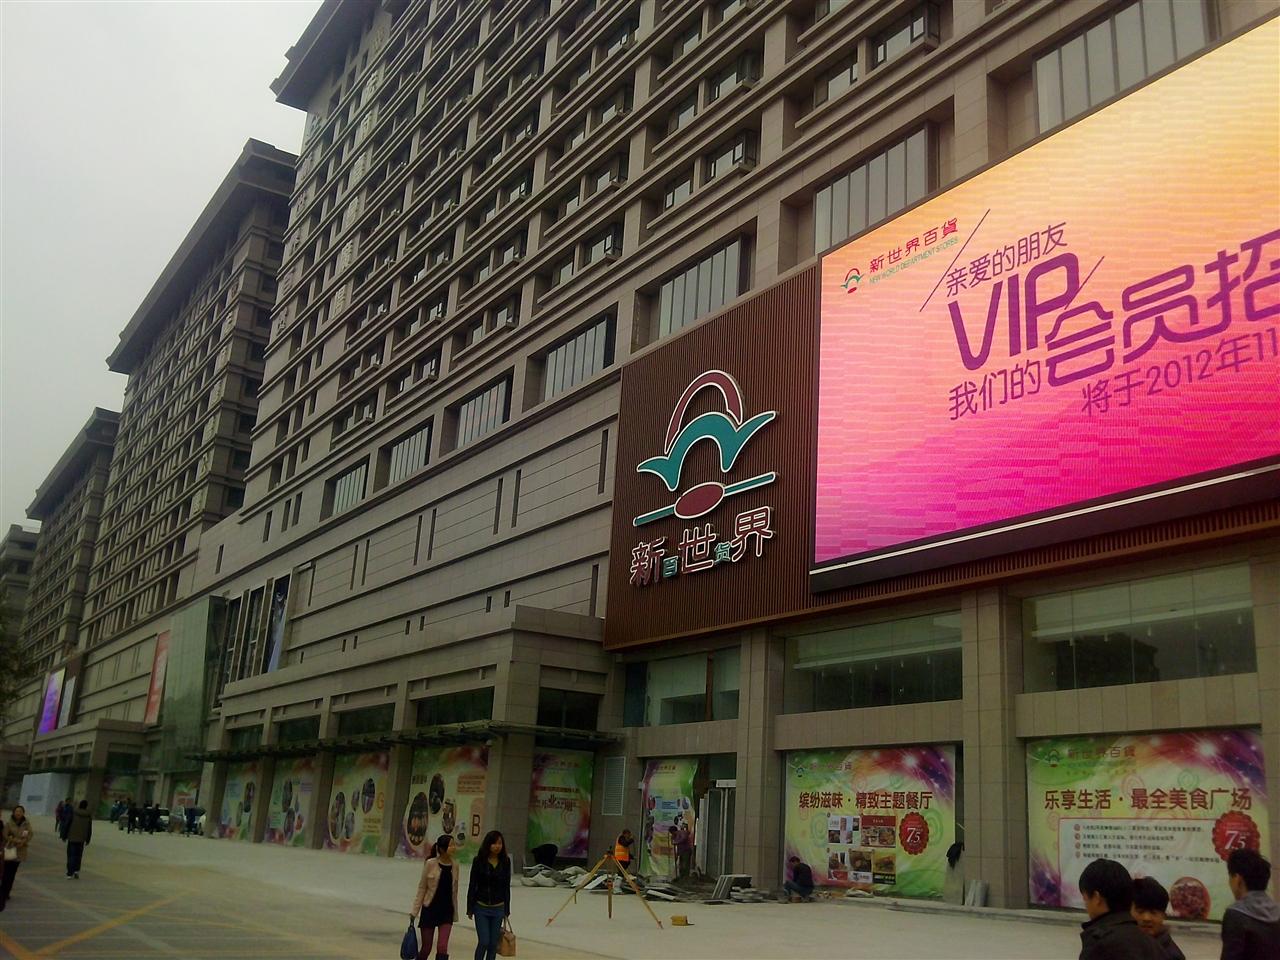 名称:西安香港新世界百货商场 面积:1000多平米 使用产品:3M柔饰贴膜、3M装饰贴膜等产品 颜色:各种颜色等 目的:商场内部装饰,提升品位